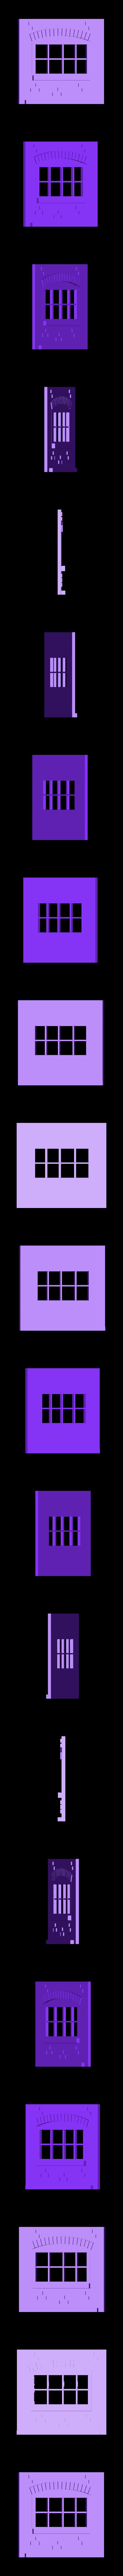 wall1.stl Télécharger fichier STL gratuit Ripper's London - The (Modular) Factory • Modèle pour imprimante 3D, Earsling